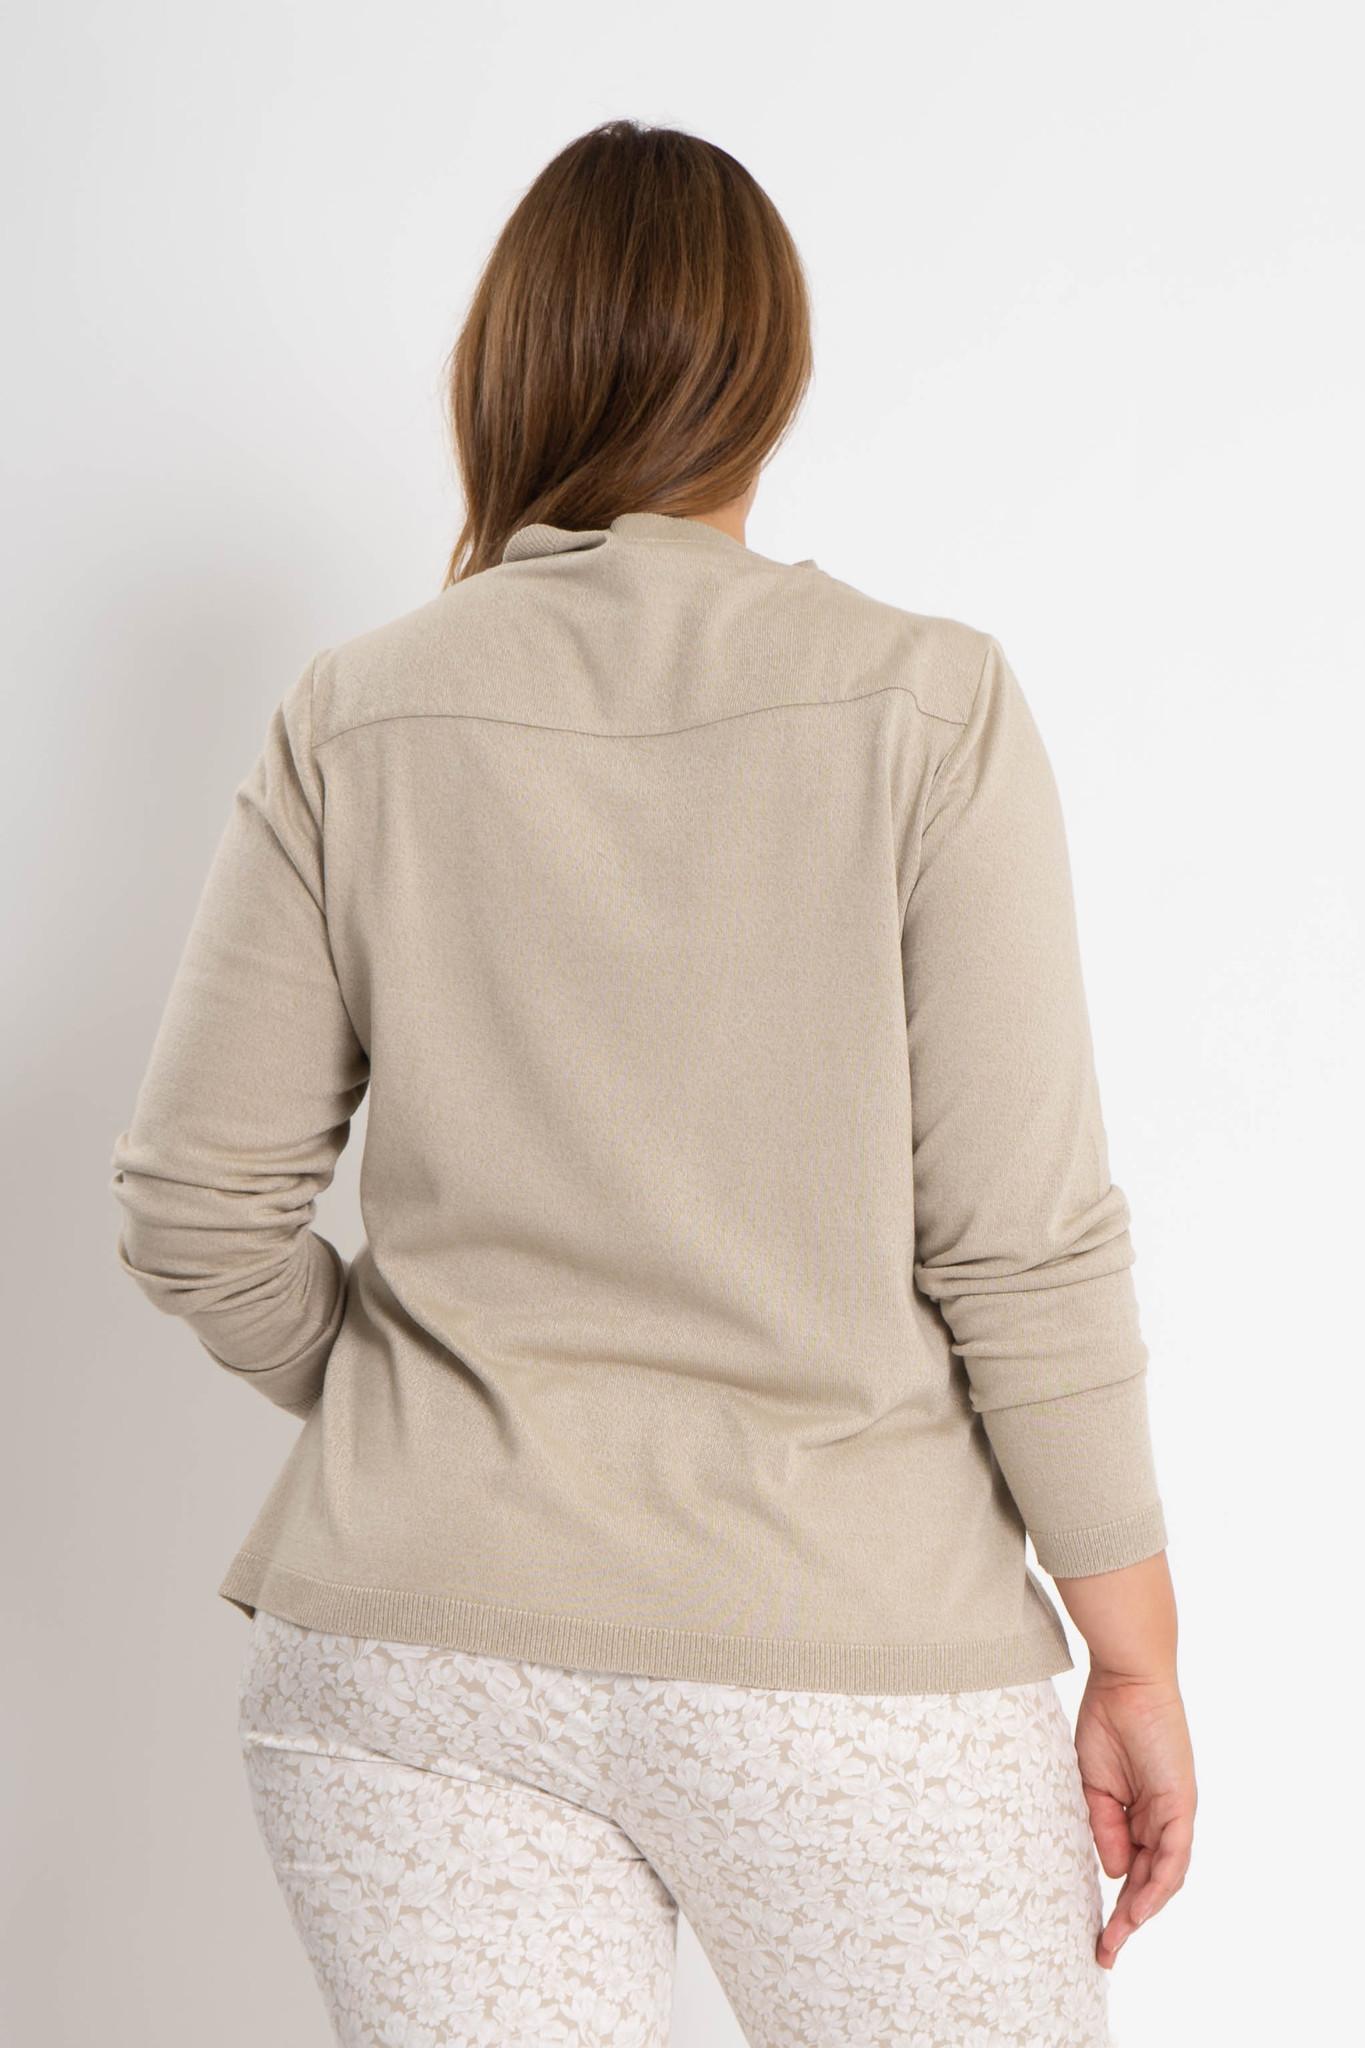 CLEO Sweatshirt in Viscose-3